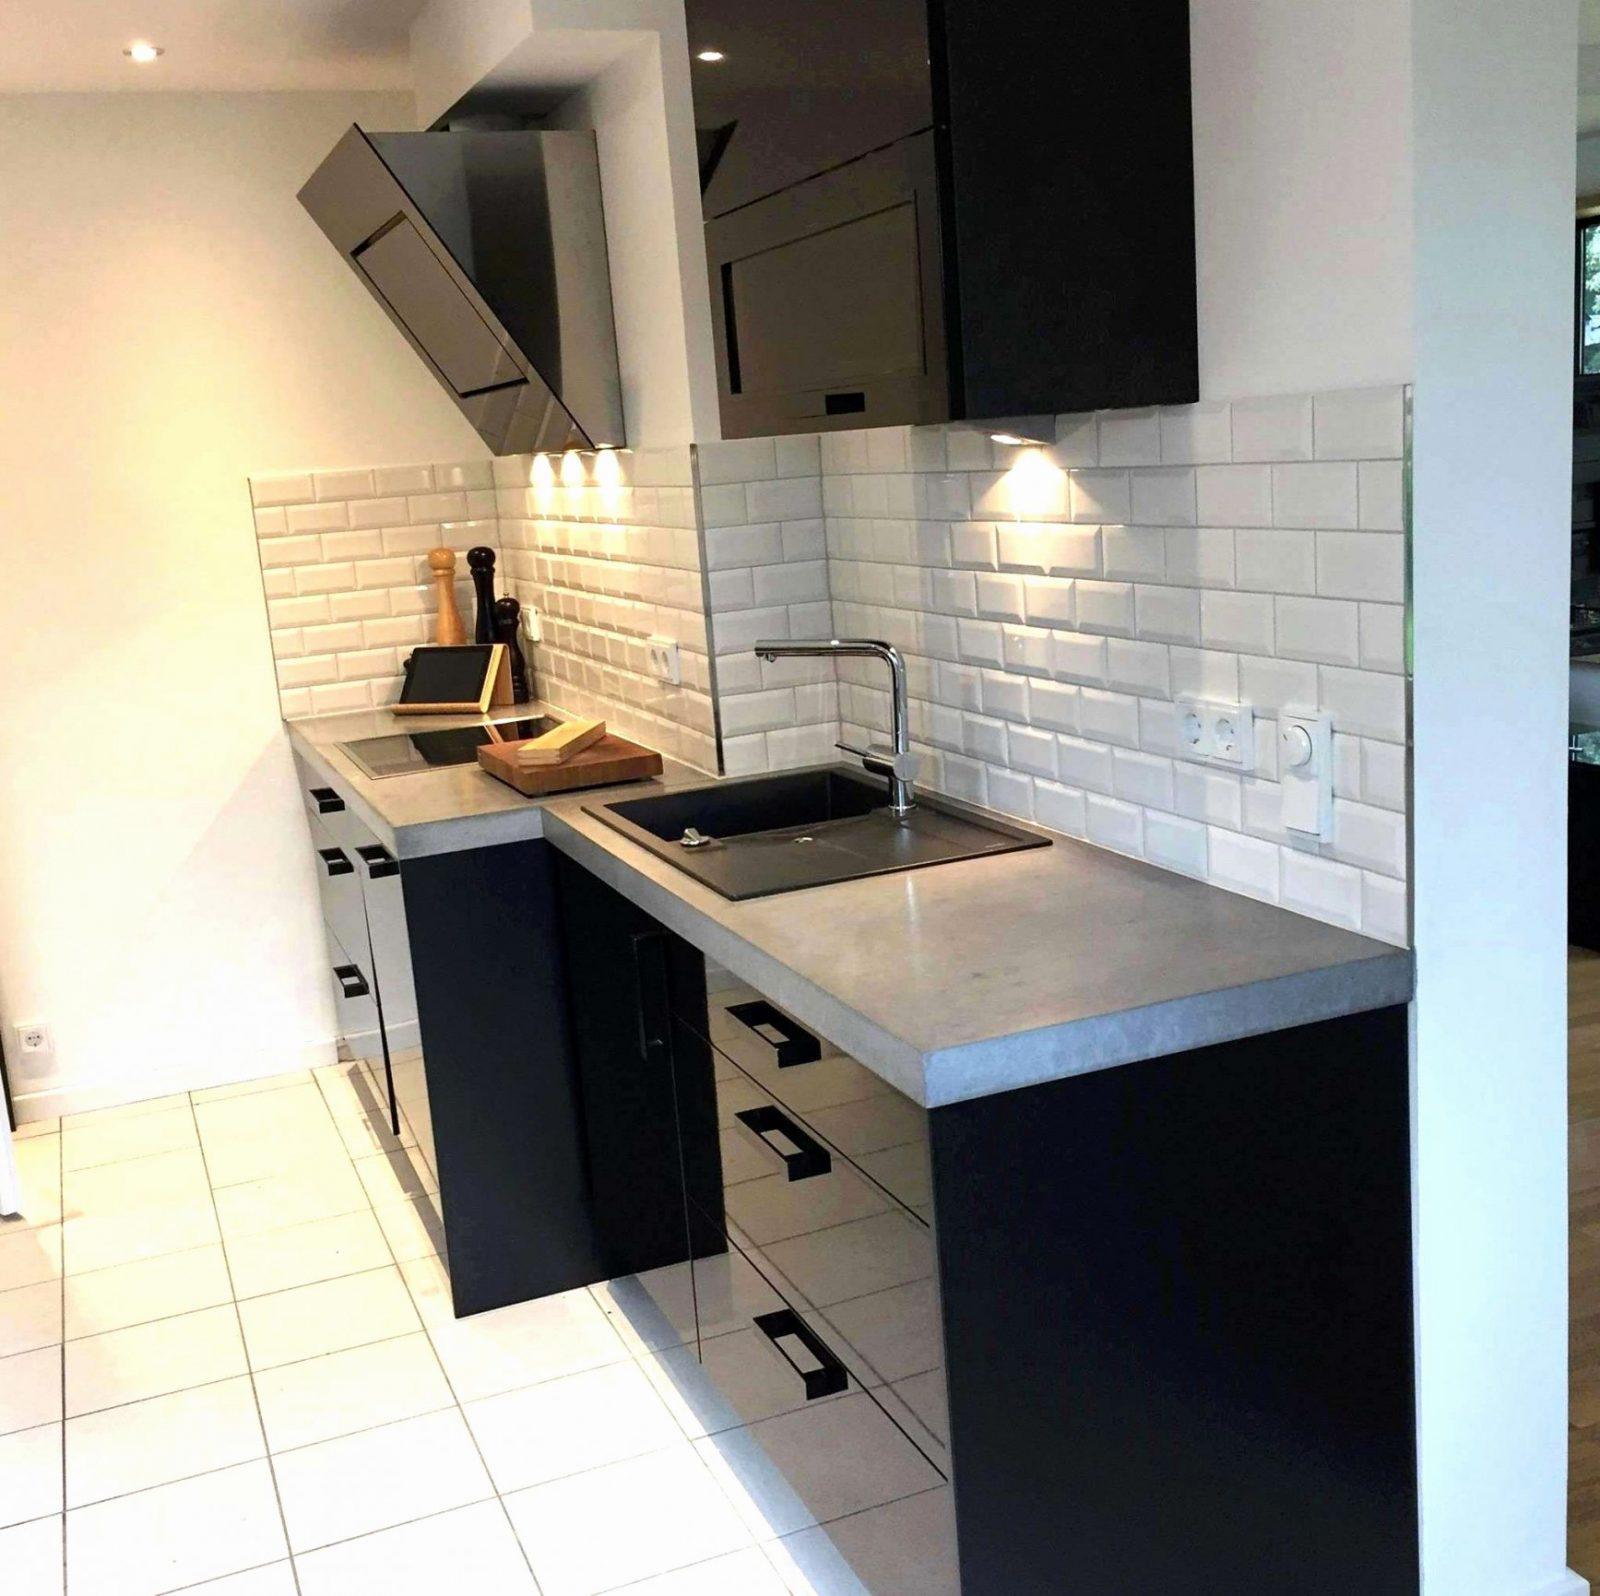 Sitzecke Küche Selber Bauen Schön von Rustikale Küche Selber Bauen Photo